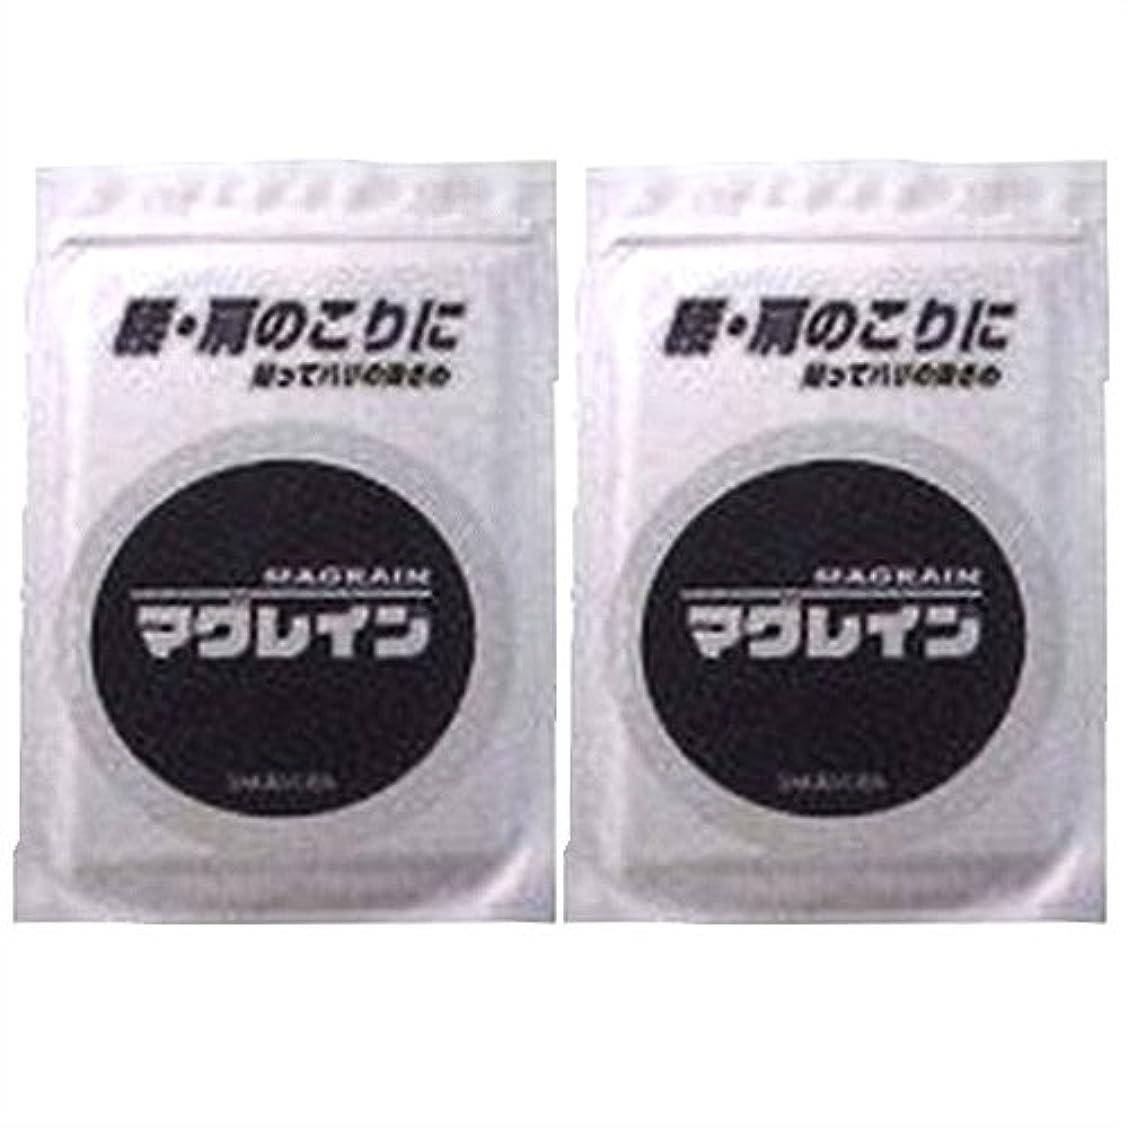 スタジオメーター信頼性のあるマグレイン チタン 200粒入 肌色テープ(I) ×2個 セット